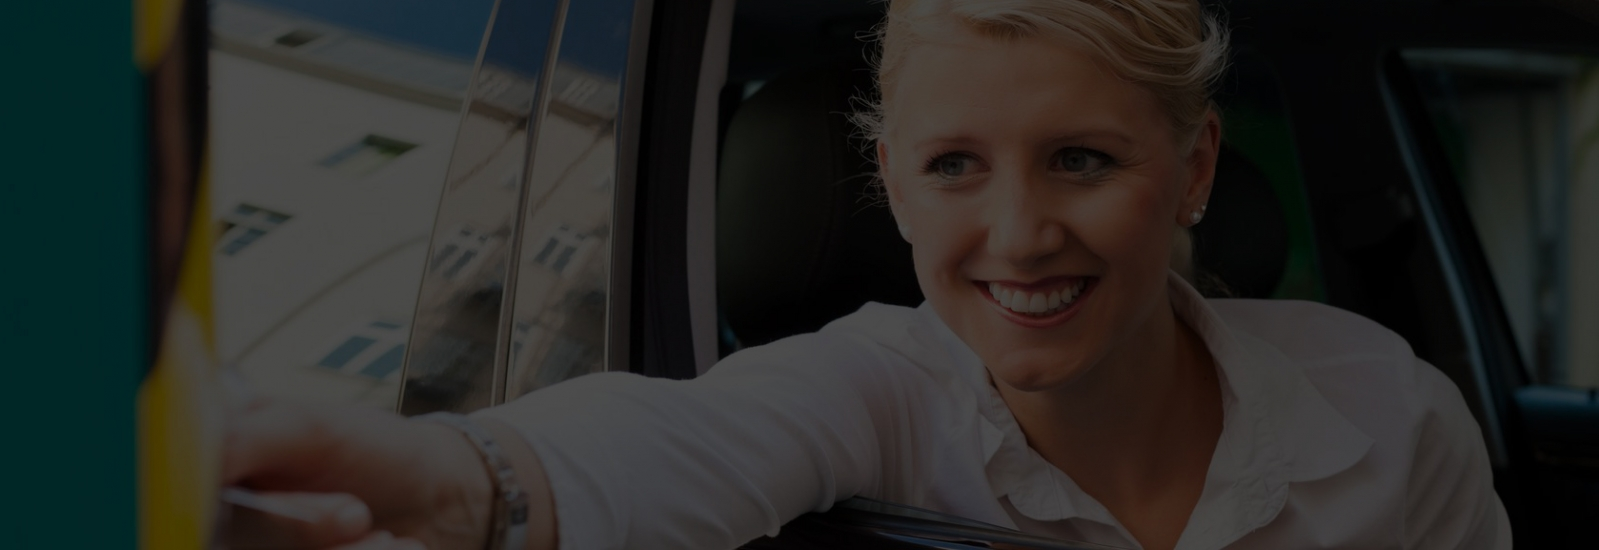 <h2>Töökindlad turva- ja parklasüsteemid</h2><p>Jalakäijate ja autotranspordi pääsla- ning parkimissüsteemide müük, paigaldus ja hooldus</p><br/><a href='/teenused'>LOE LÄHEMALT <i class='fa fa-angle-right'></i></a>